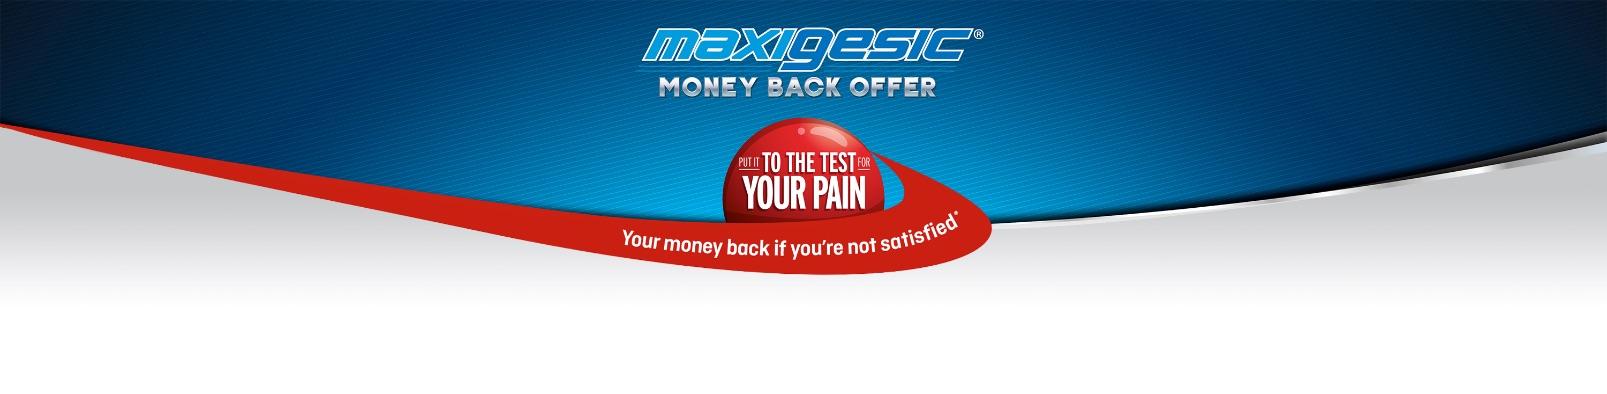 Maxigesic Money Back